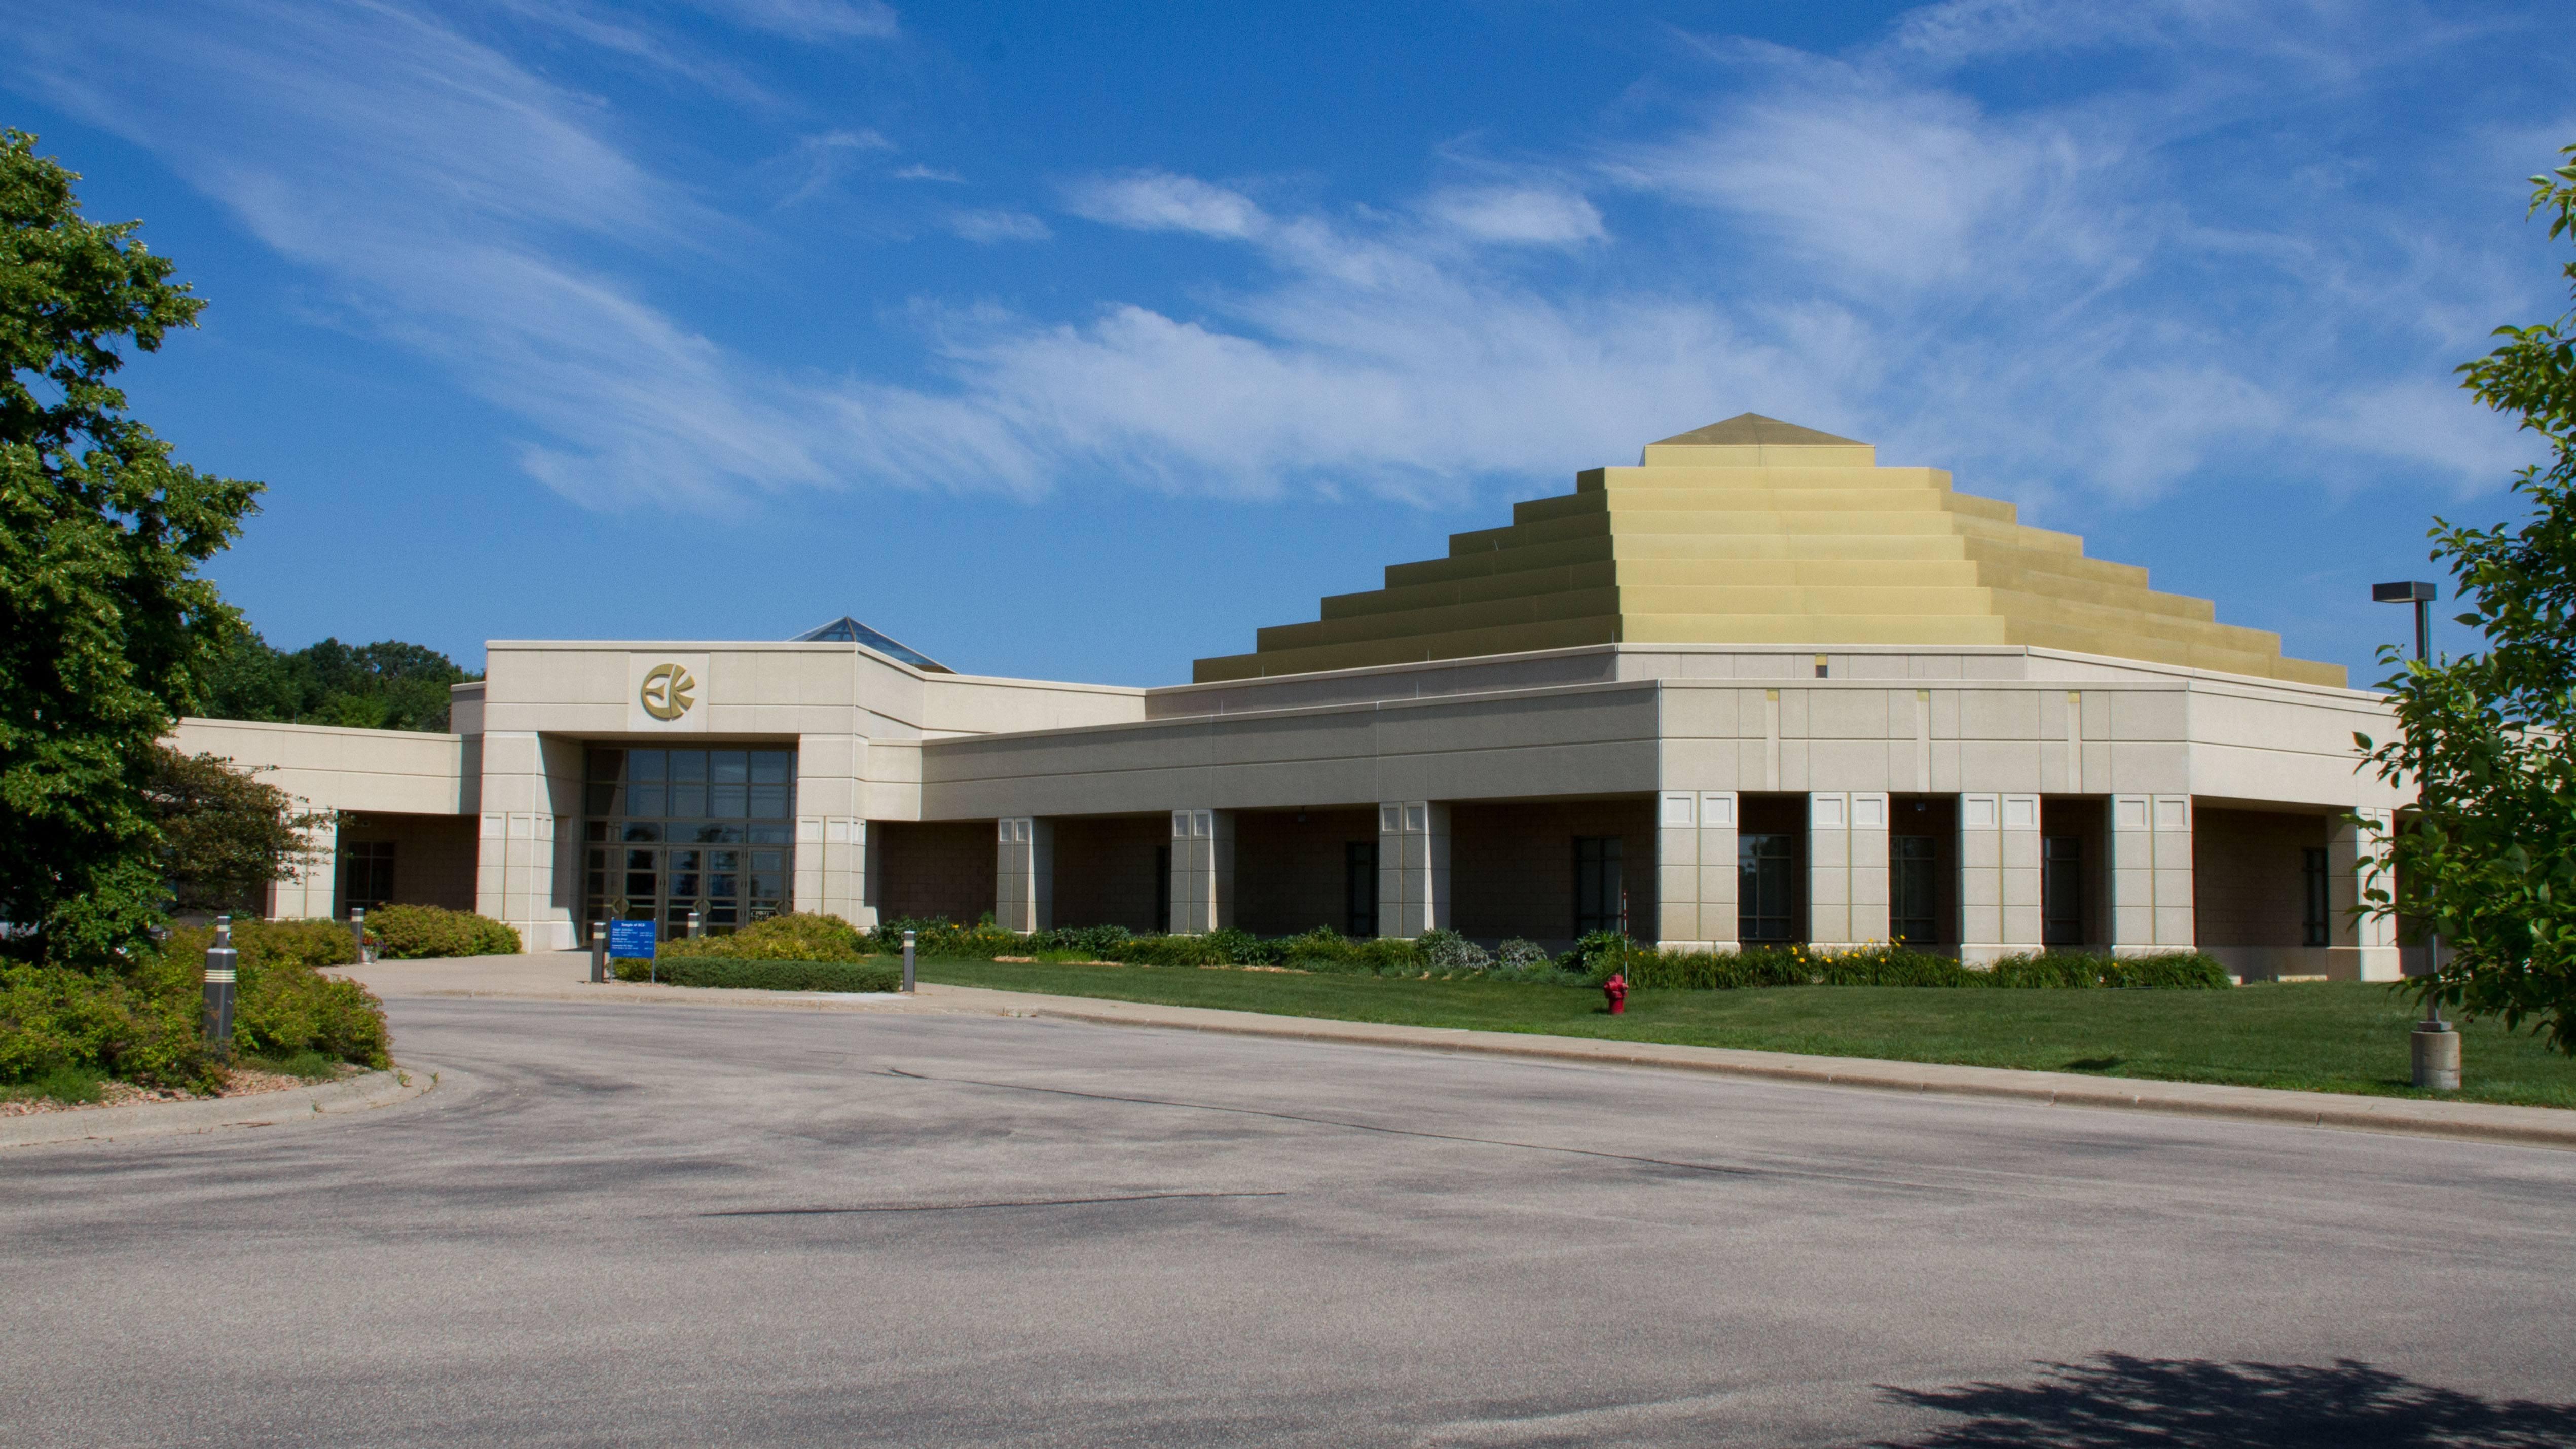 Eckankar cult headquarters